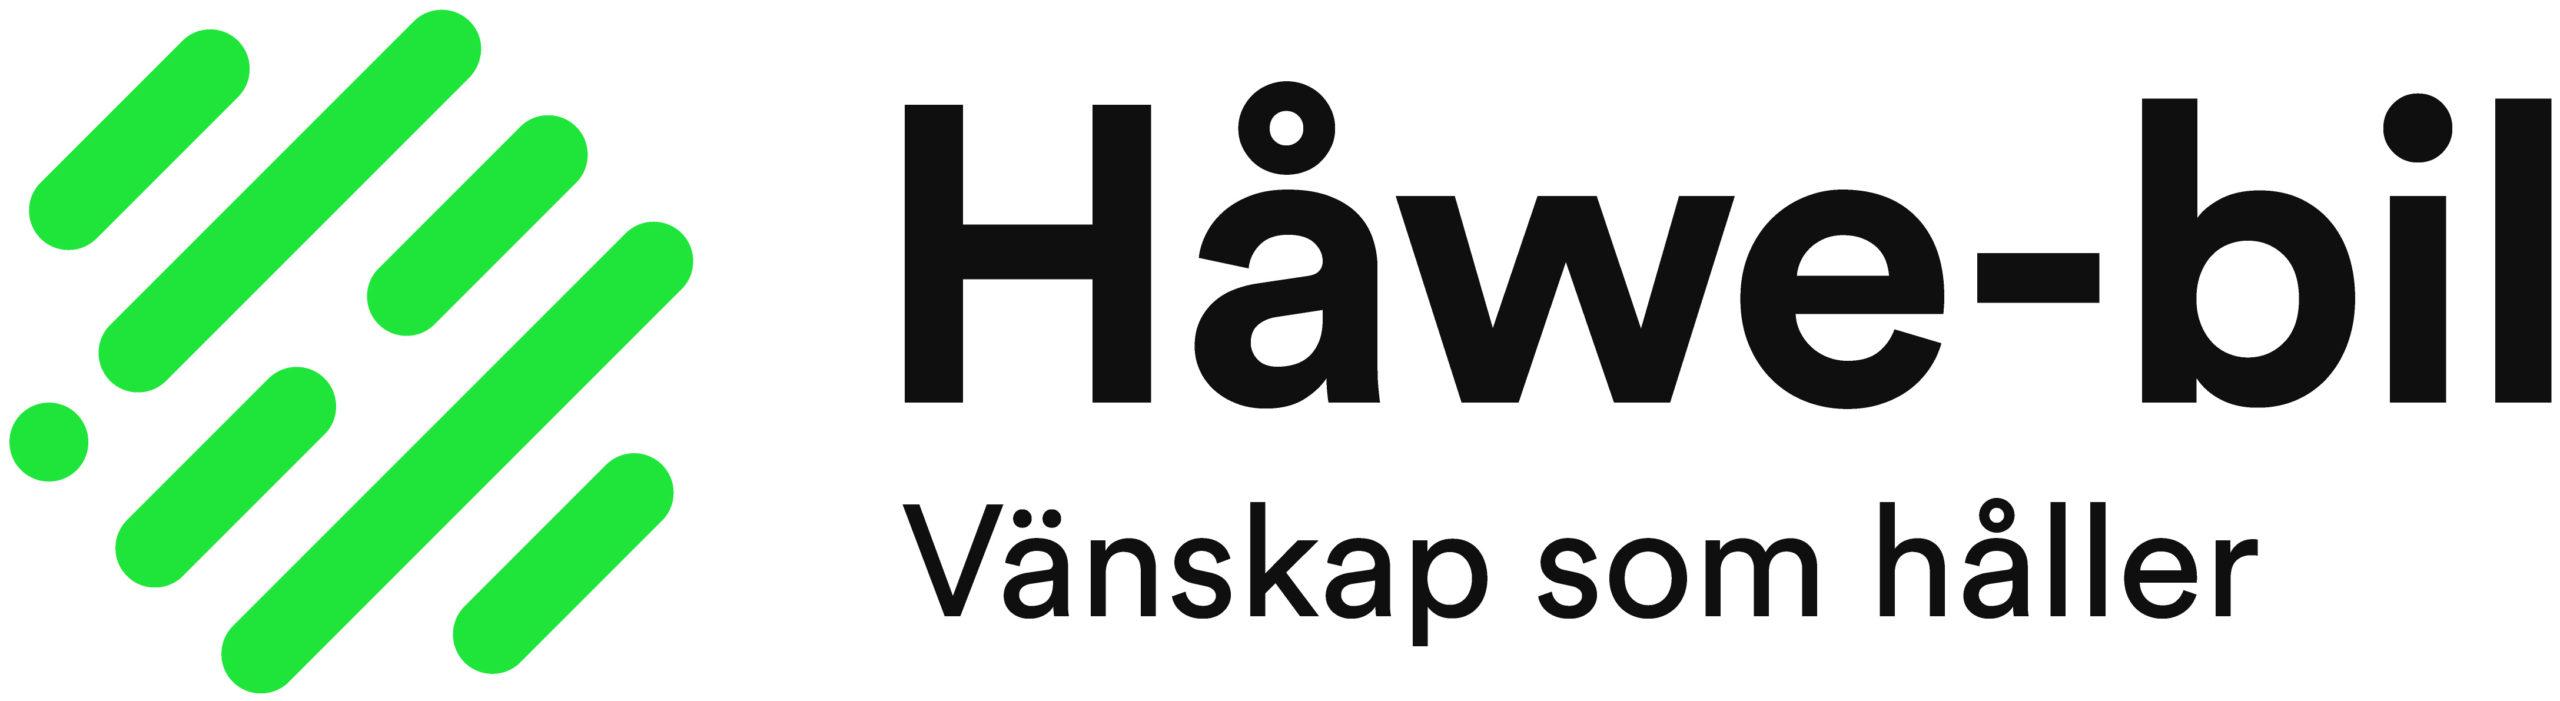 Håwe-bil